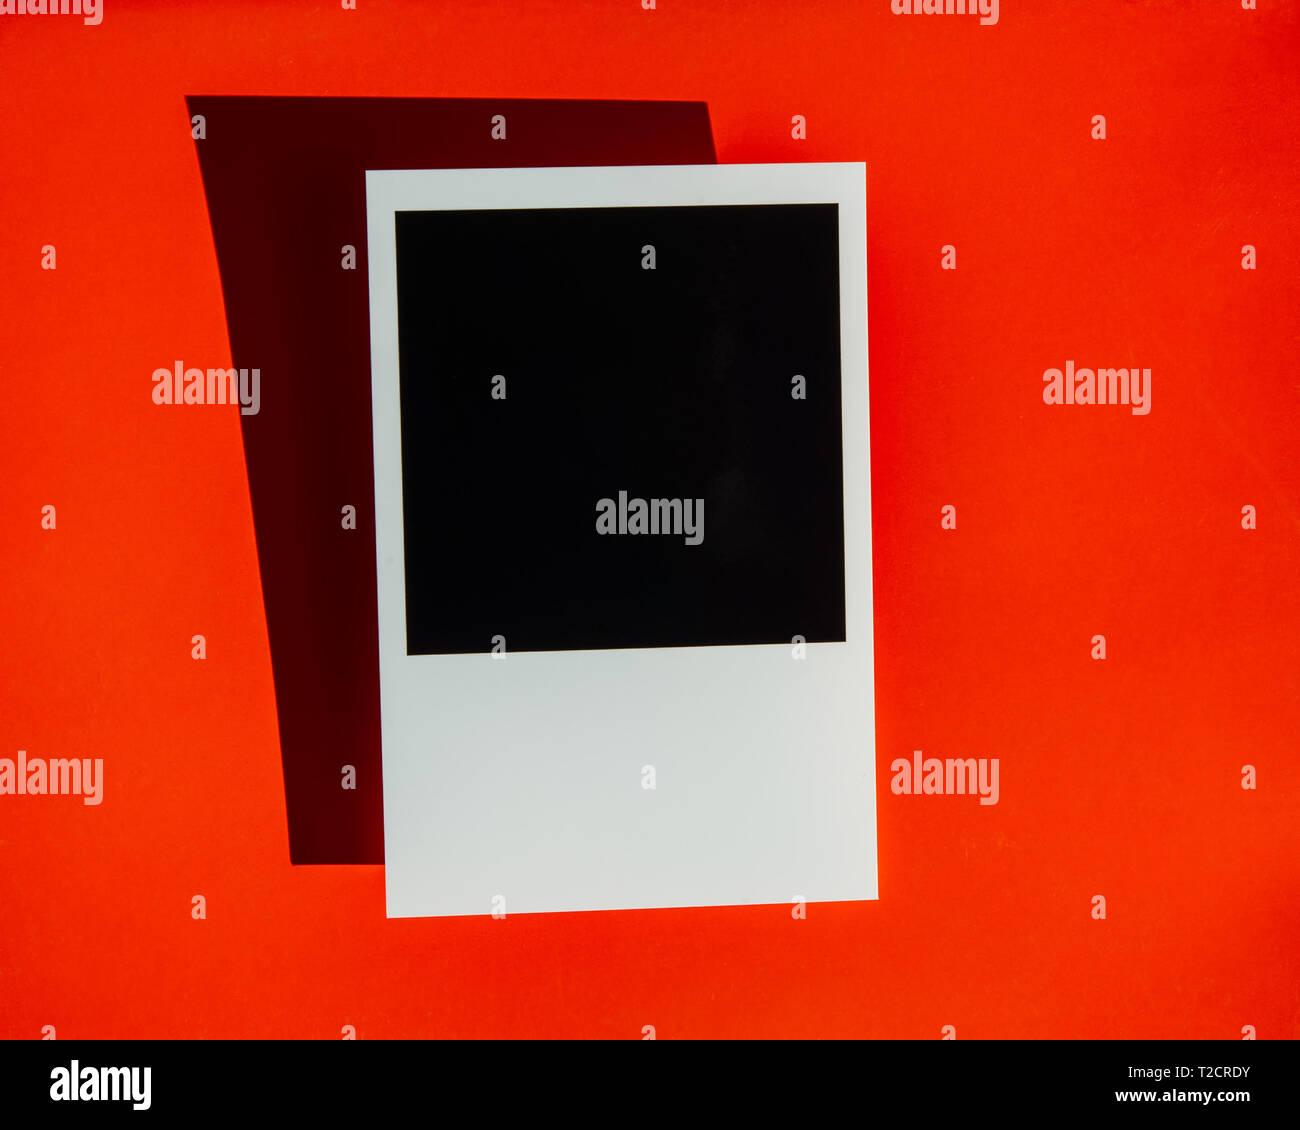 photo with black square on orange background - Stock Image